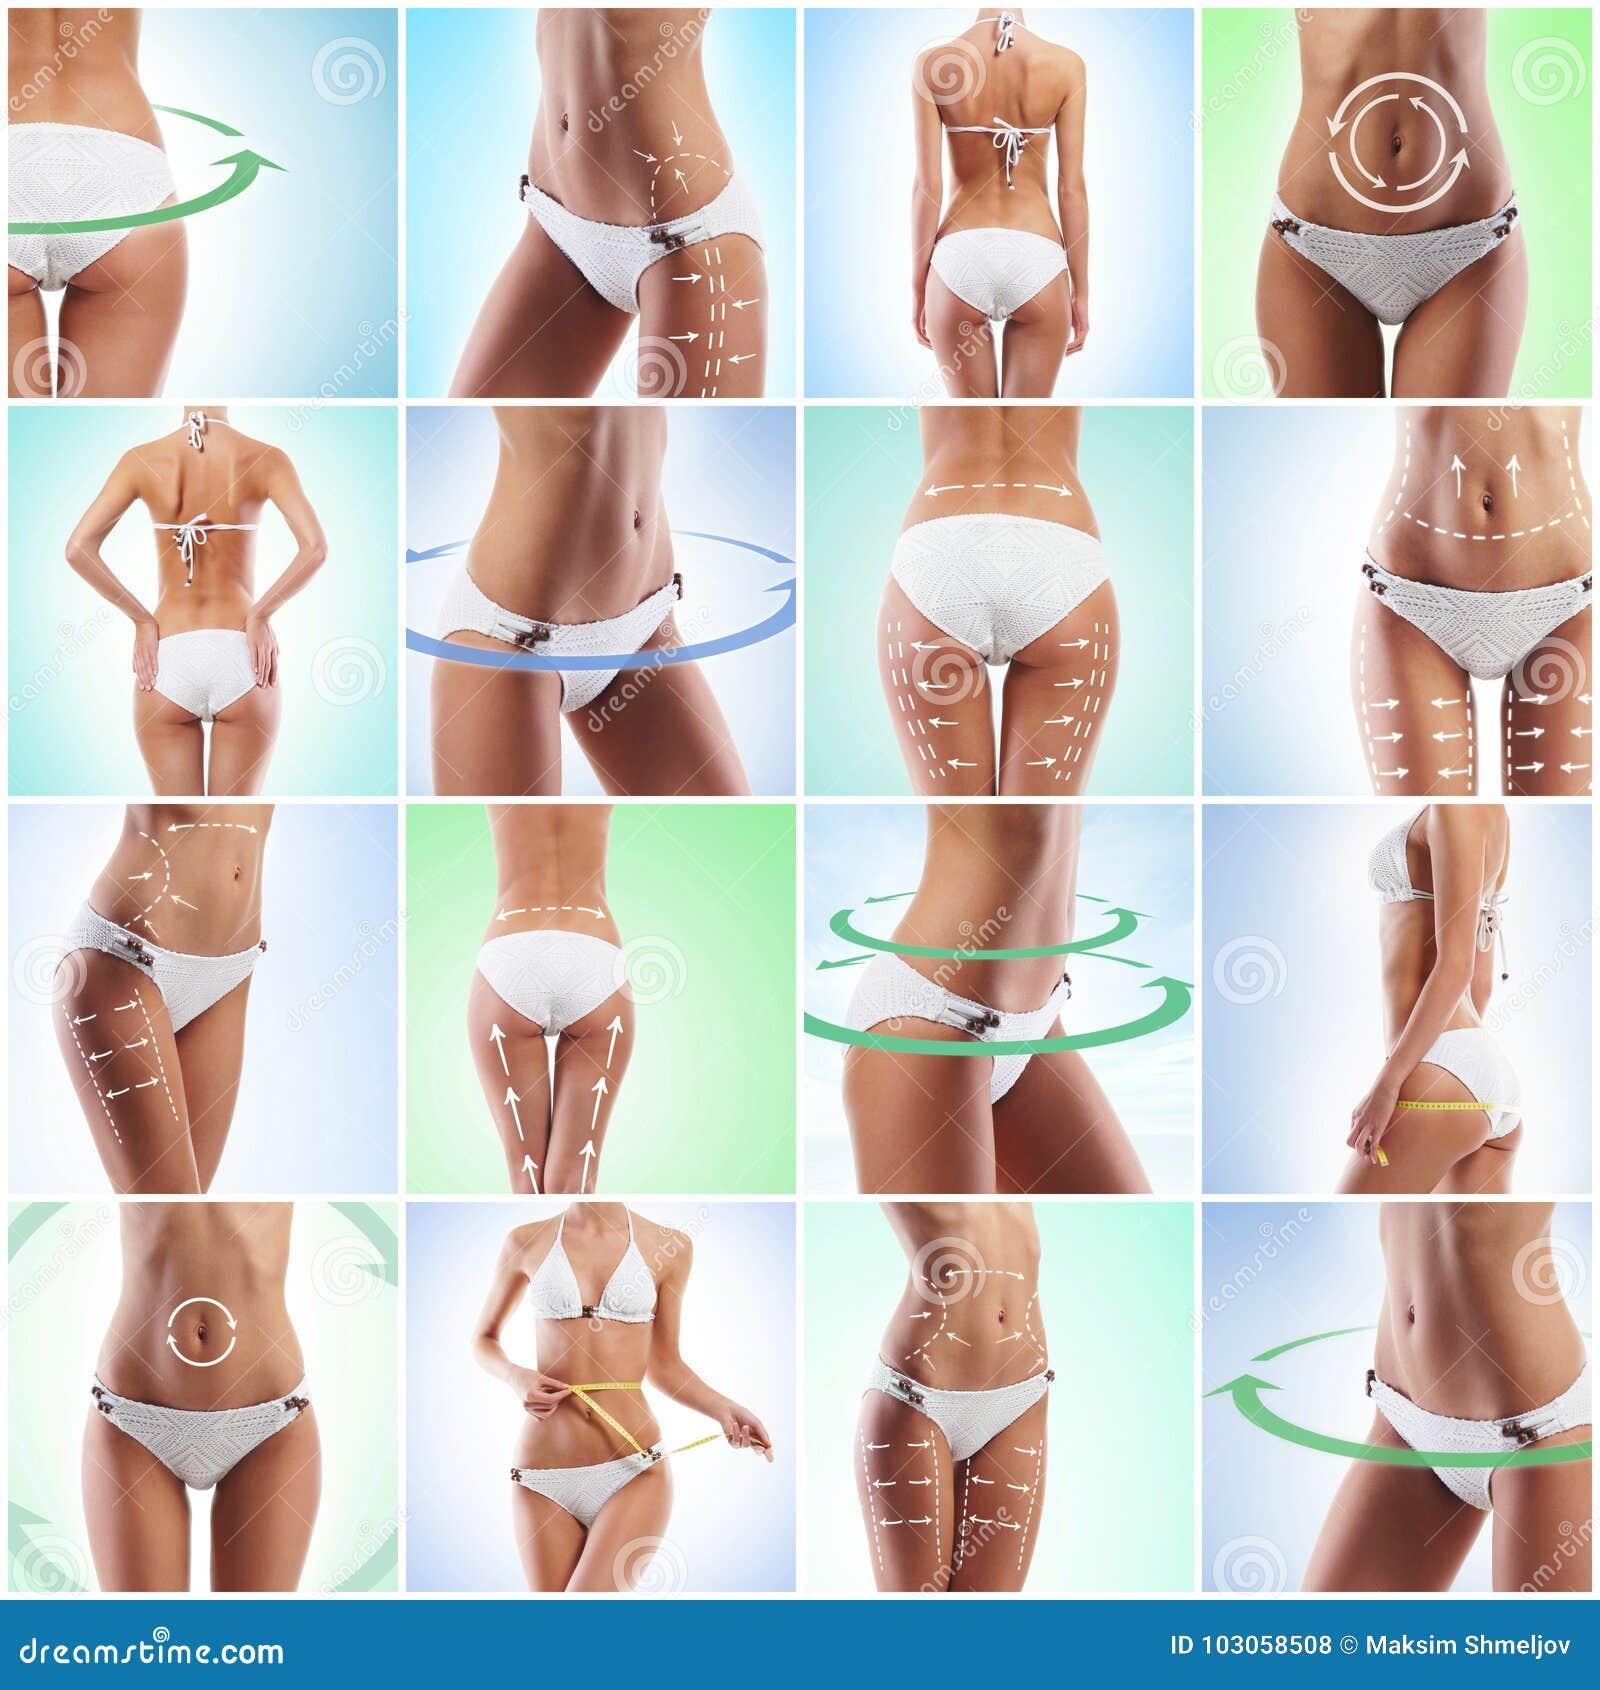 Hälsa sporten, kondition, näring, viktförlust, bantar, celluliteborttagning, liposuctionen, sunt liv-stil begrepp